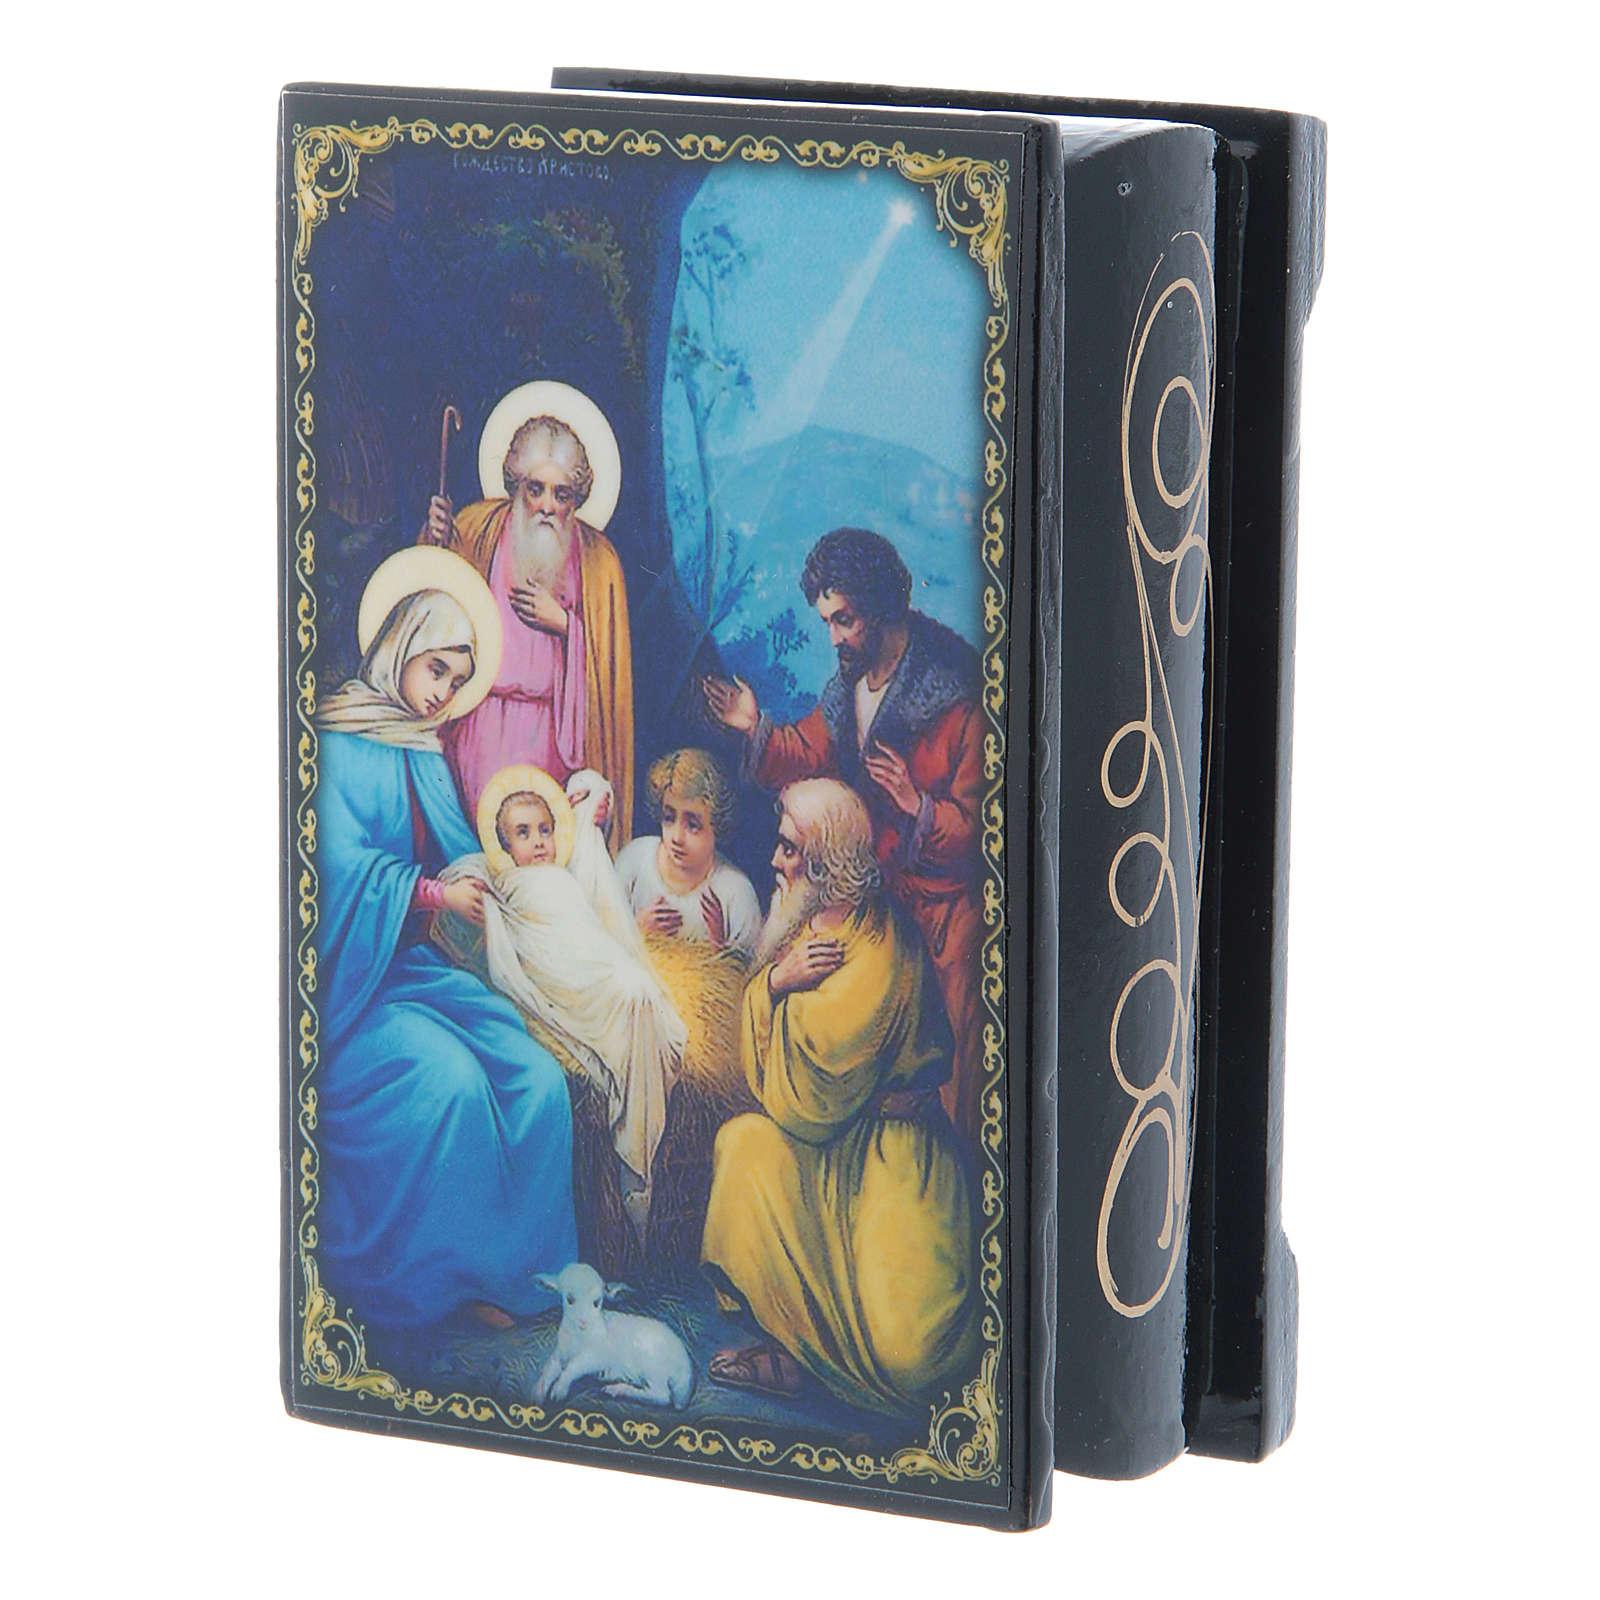 Russian papier-mâché and lacquer box The Nativity of Jesus Christ 9x6 cm 4